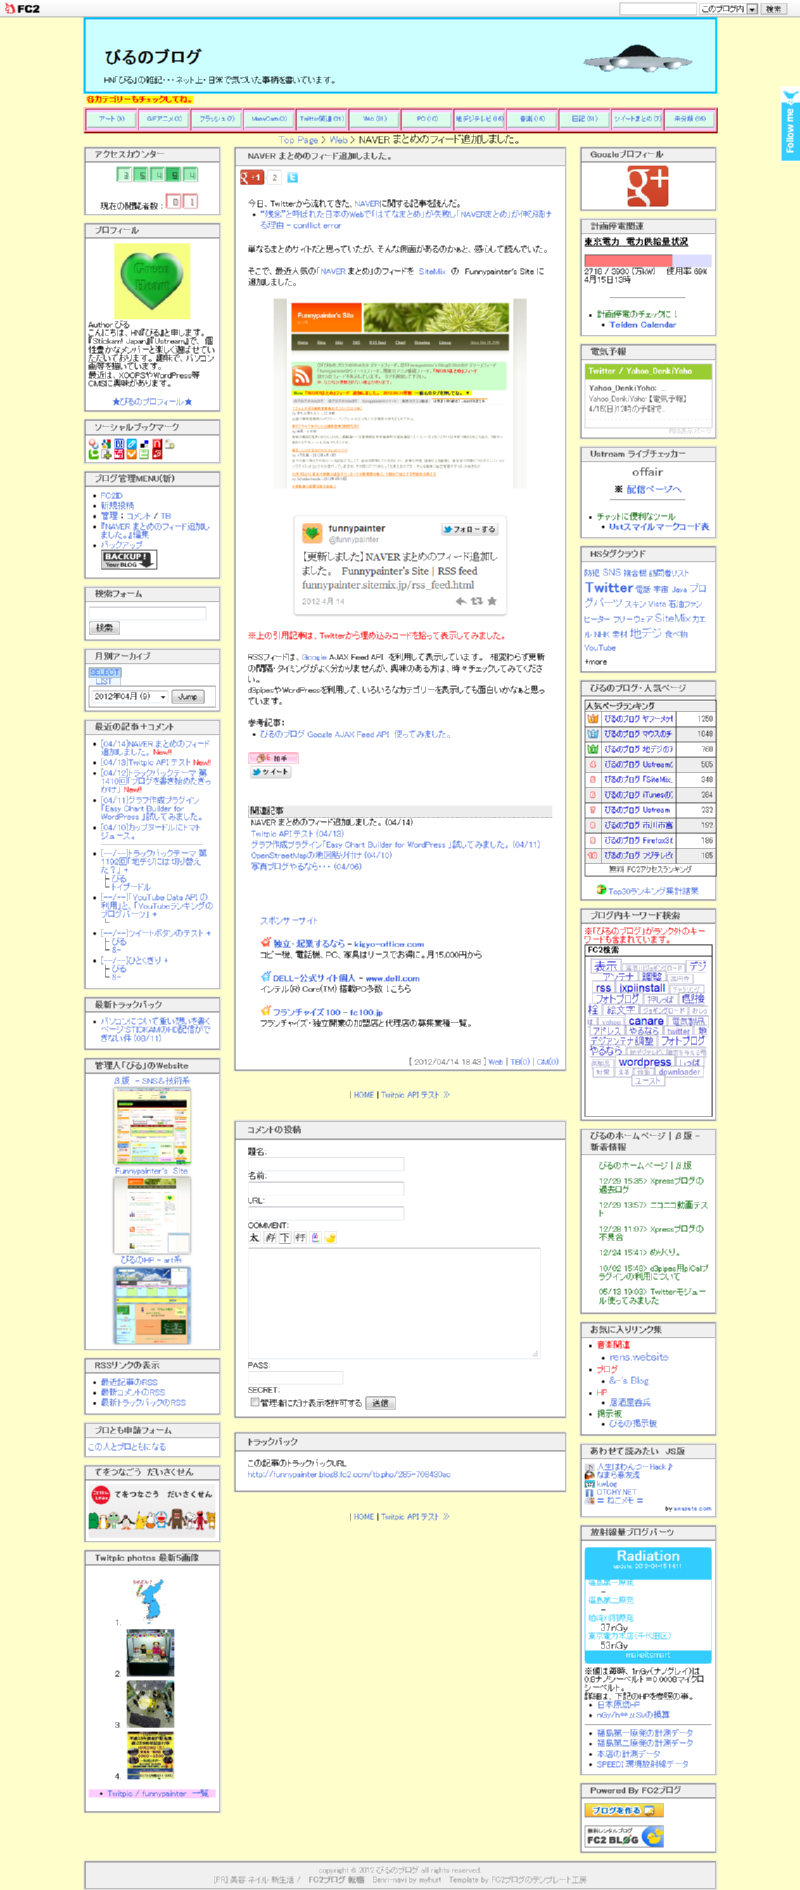 びるのブログ ページ全体スクリーンショット